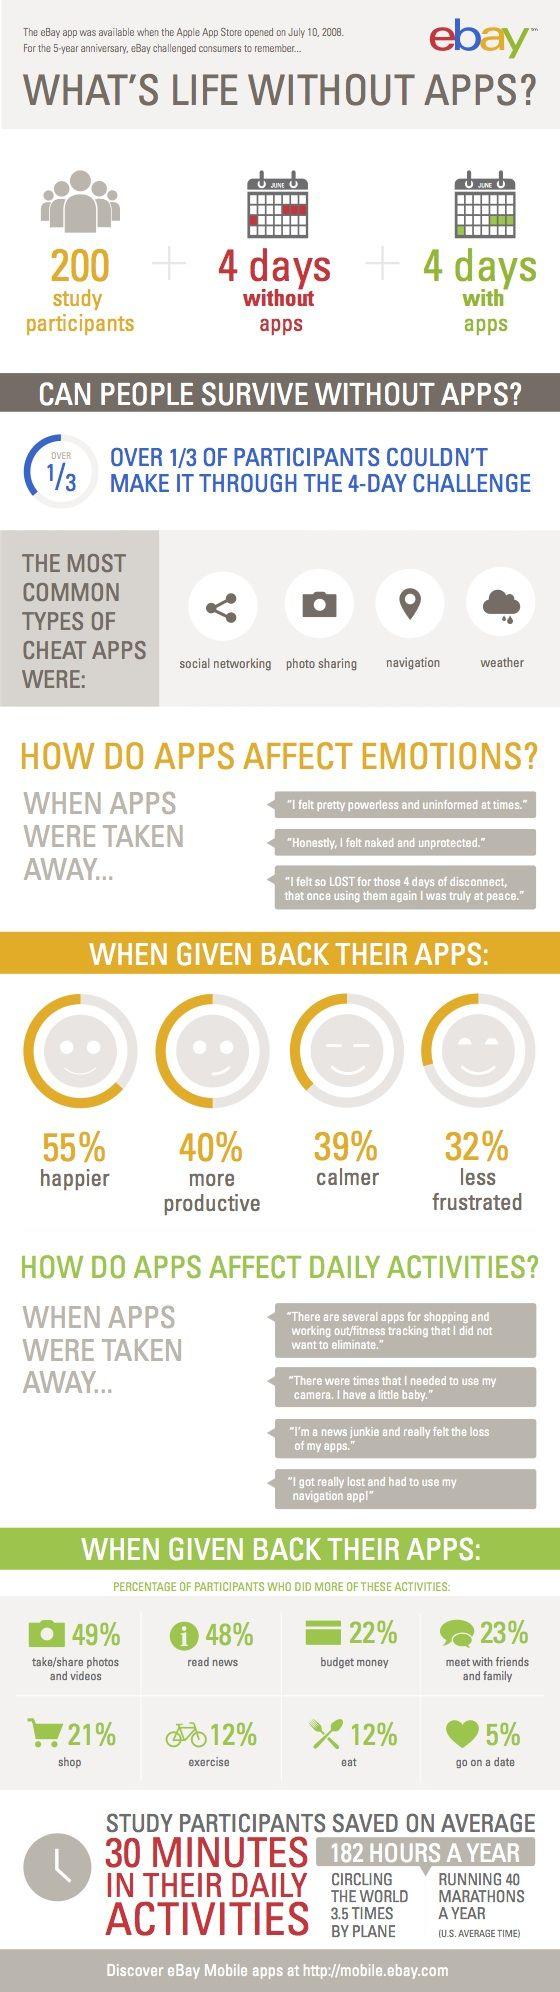 ebay-esperimento-utilizzo-app-vita-senza